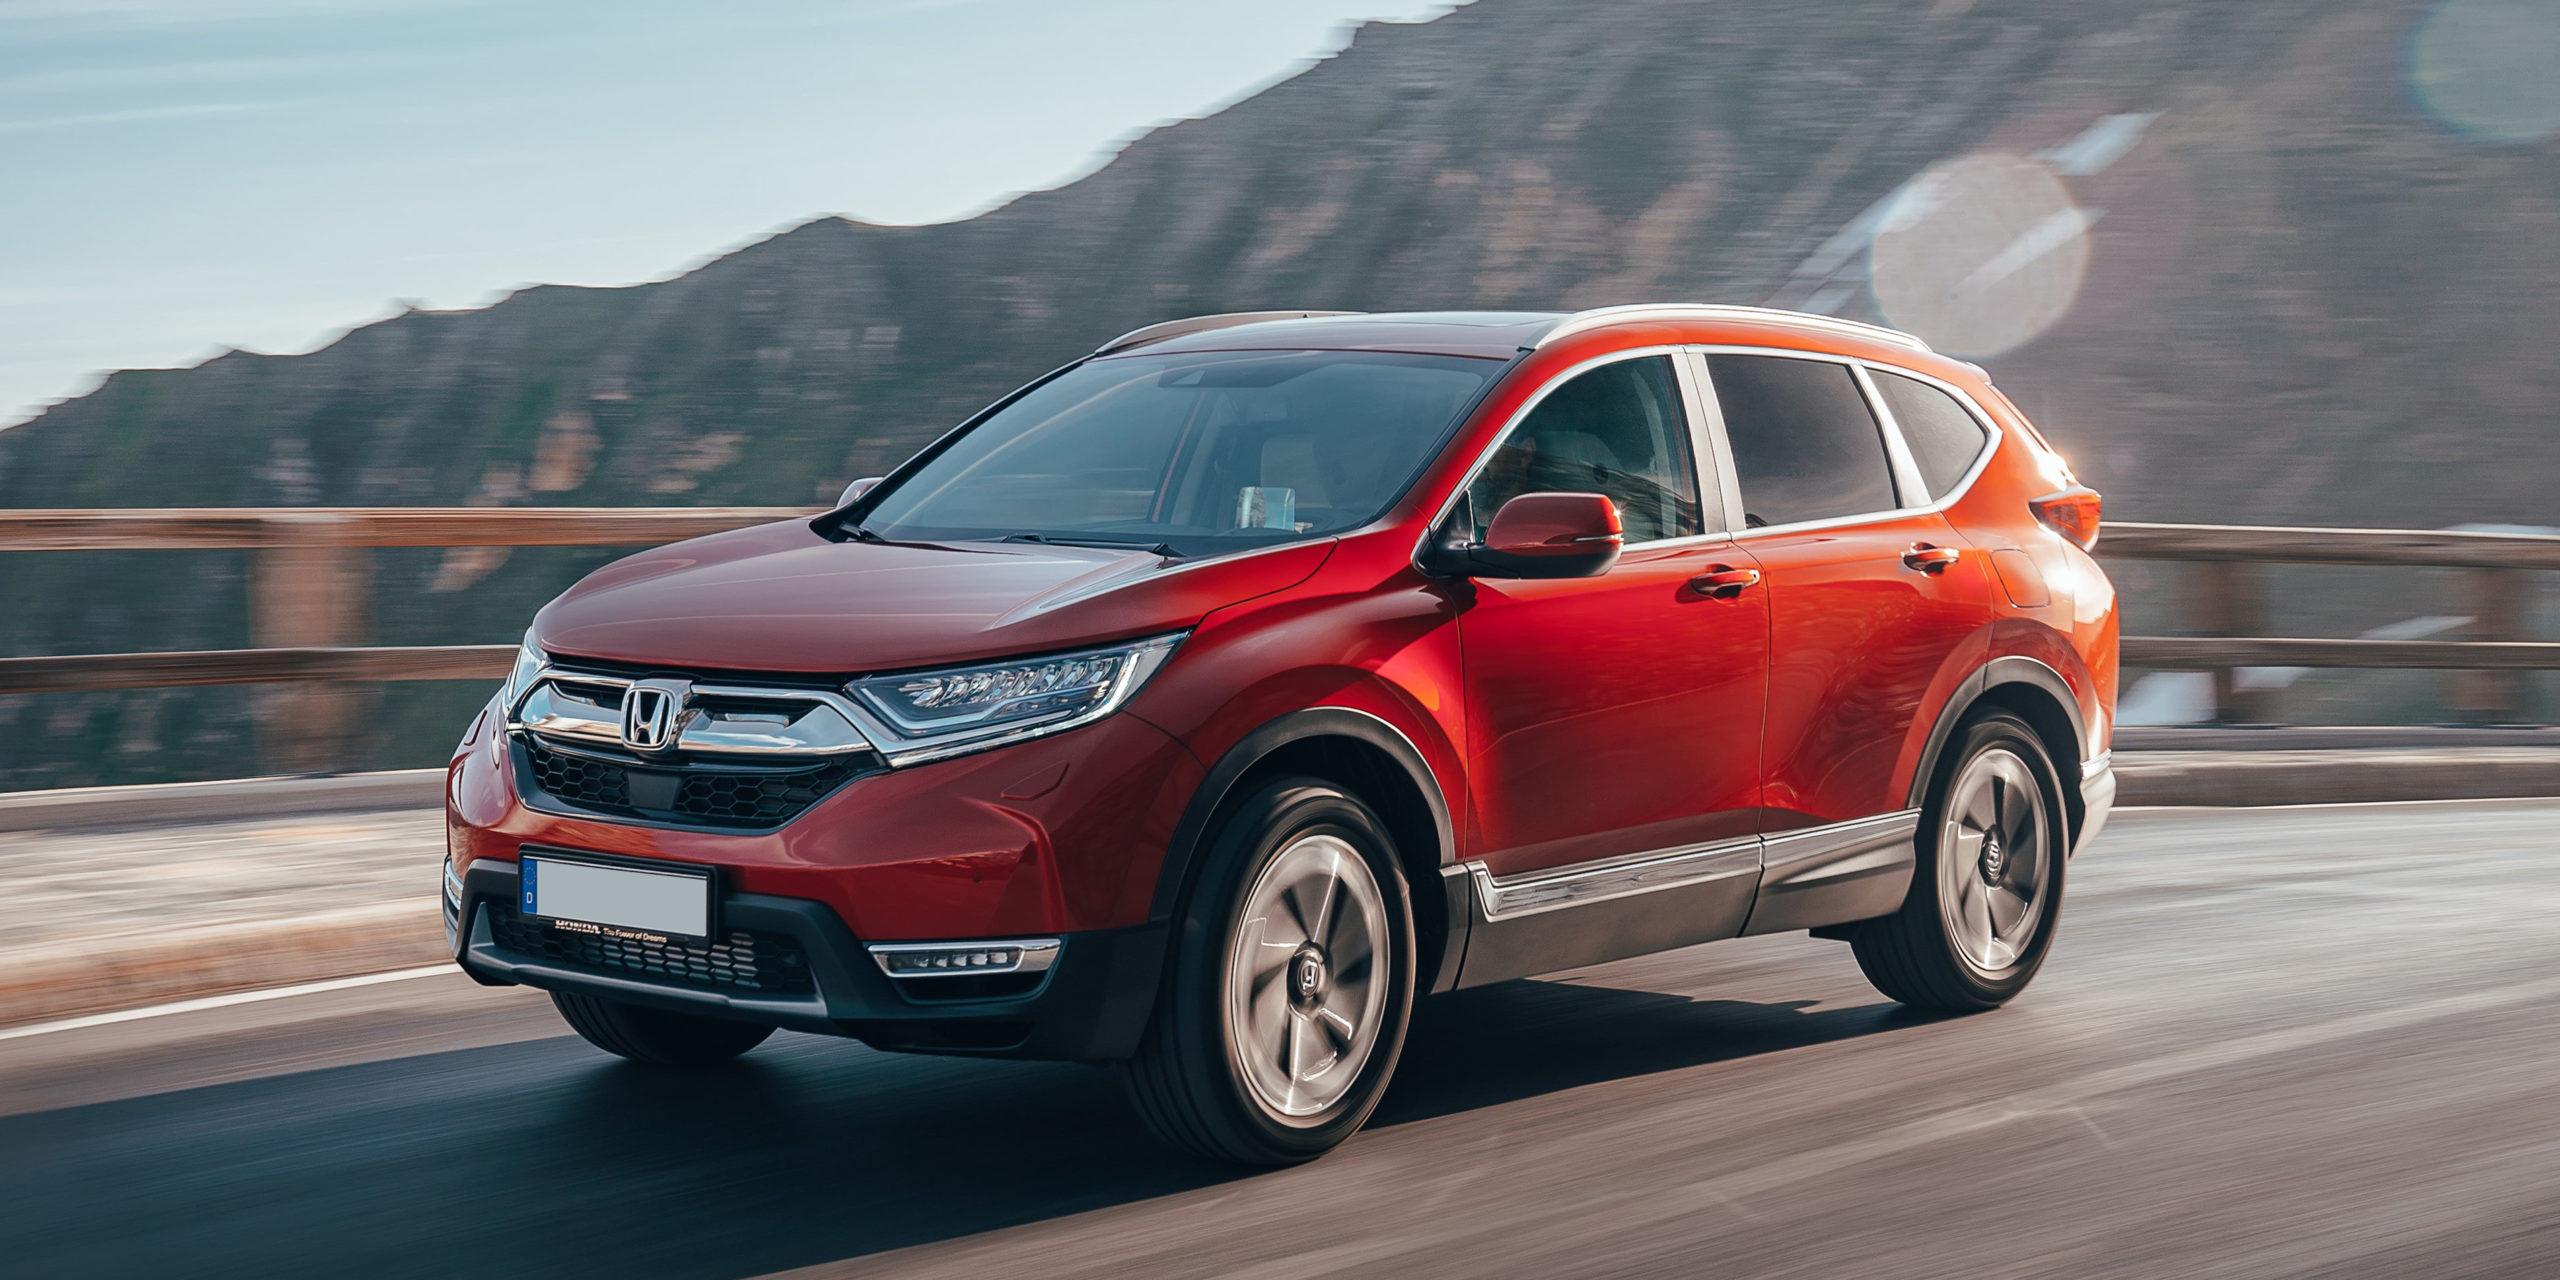 Honda Cr V Review 2021 Carwow